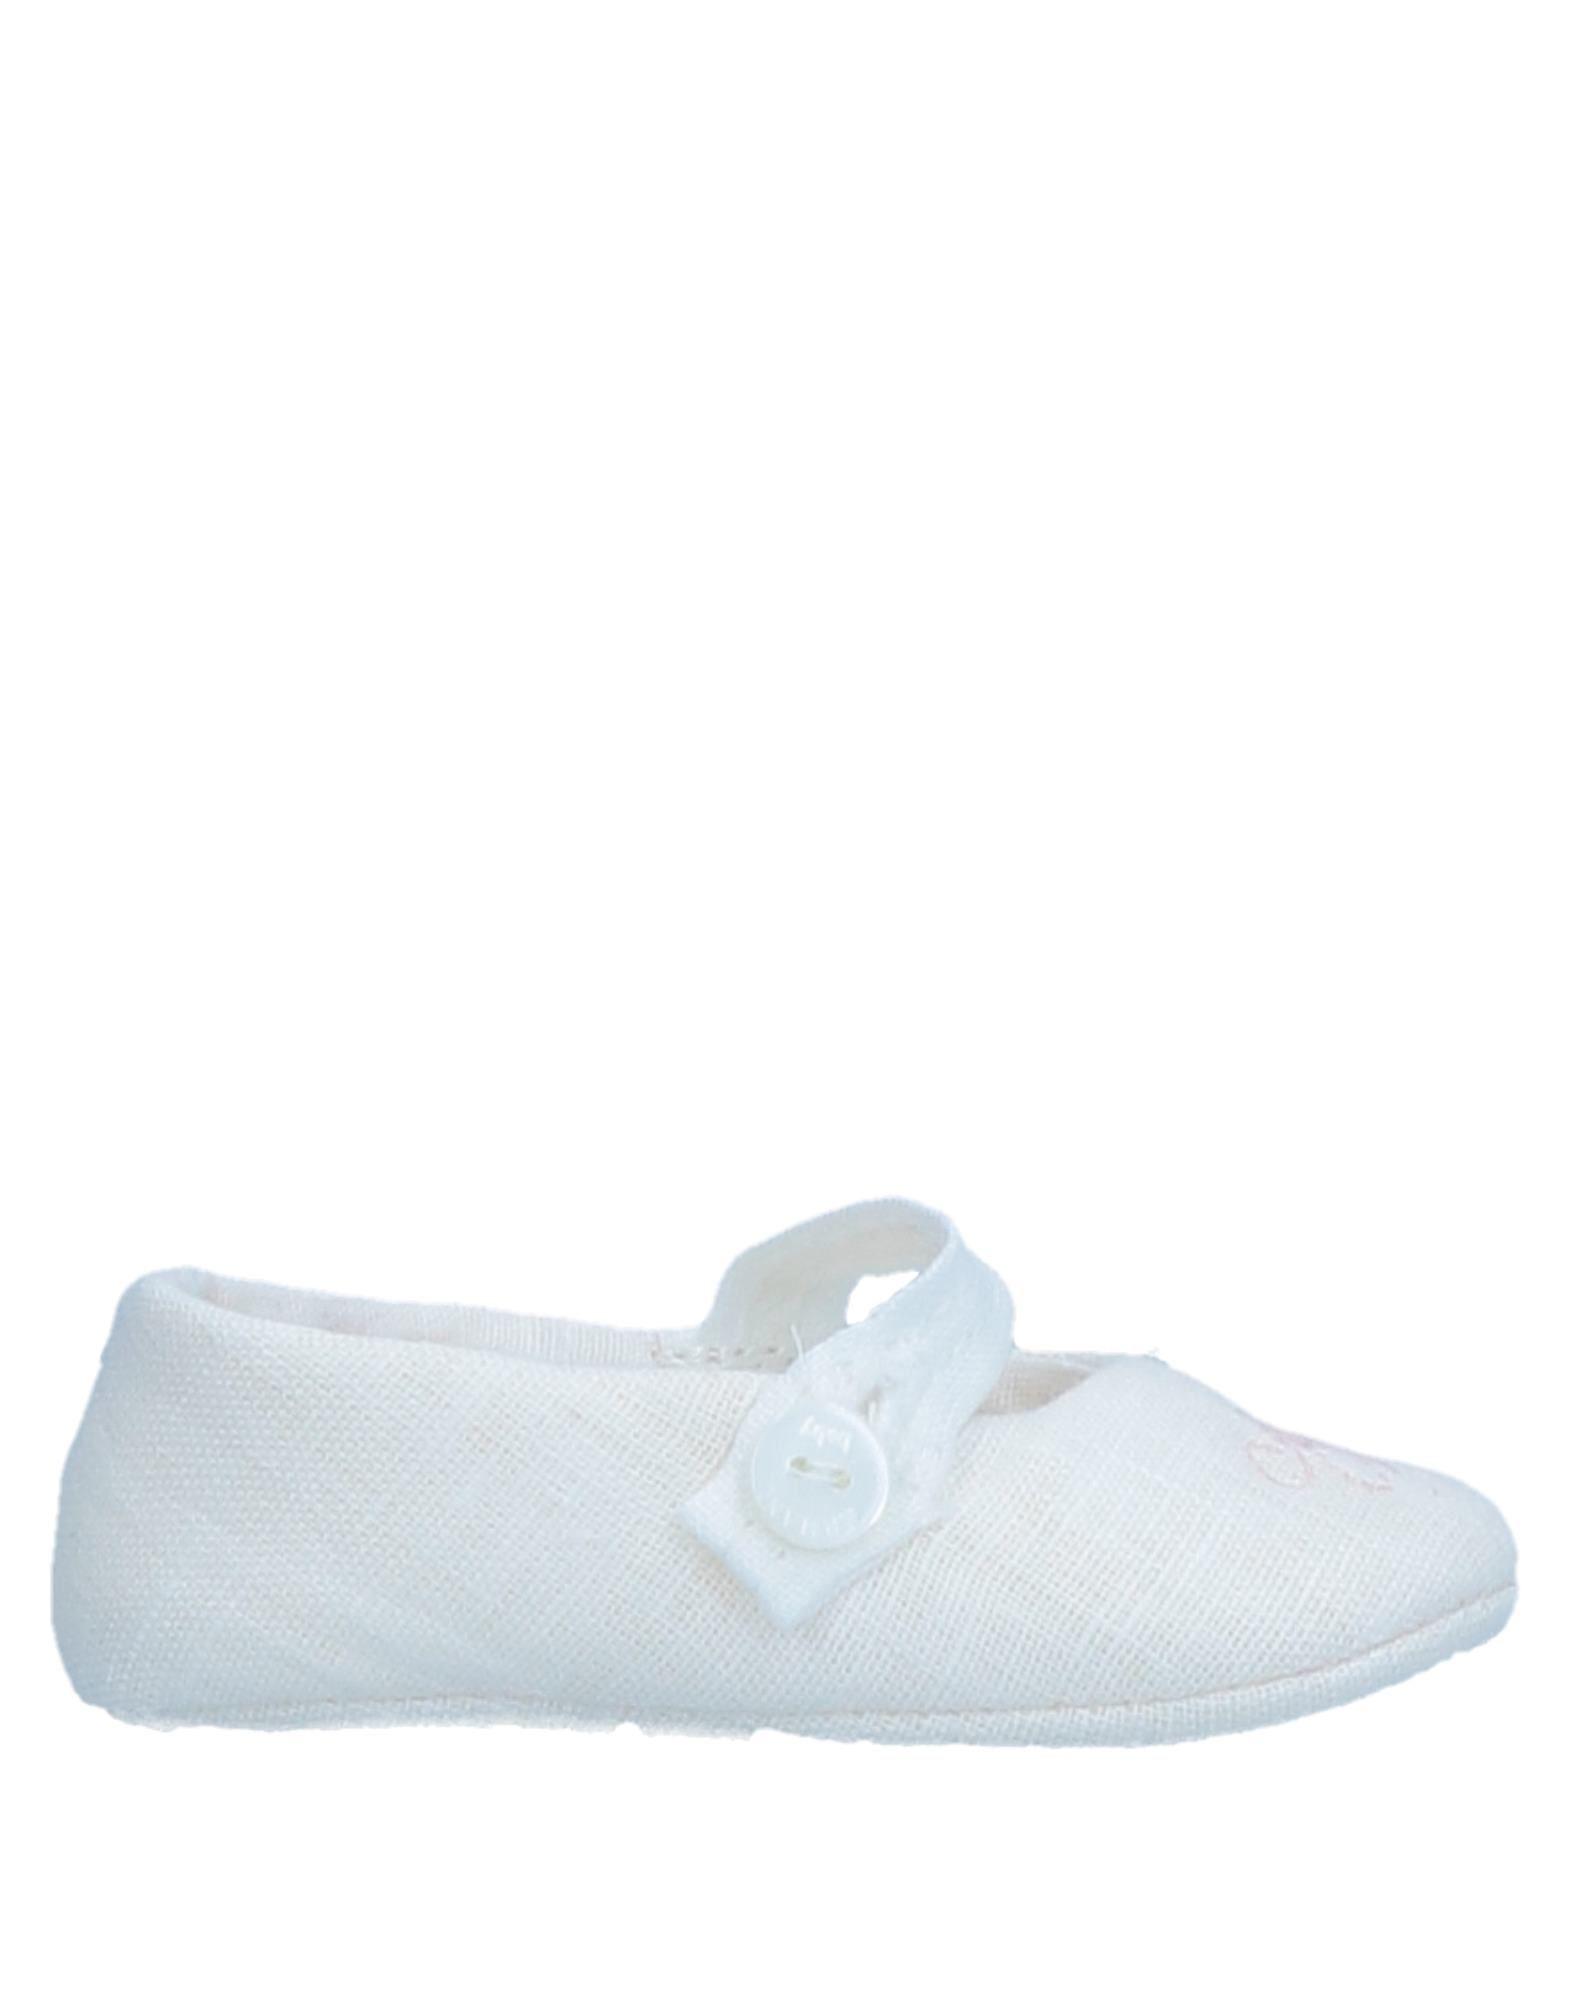 ARMANI JUNIOR Обувь для новорожденных цены онлайн